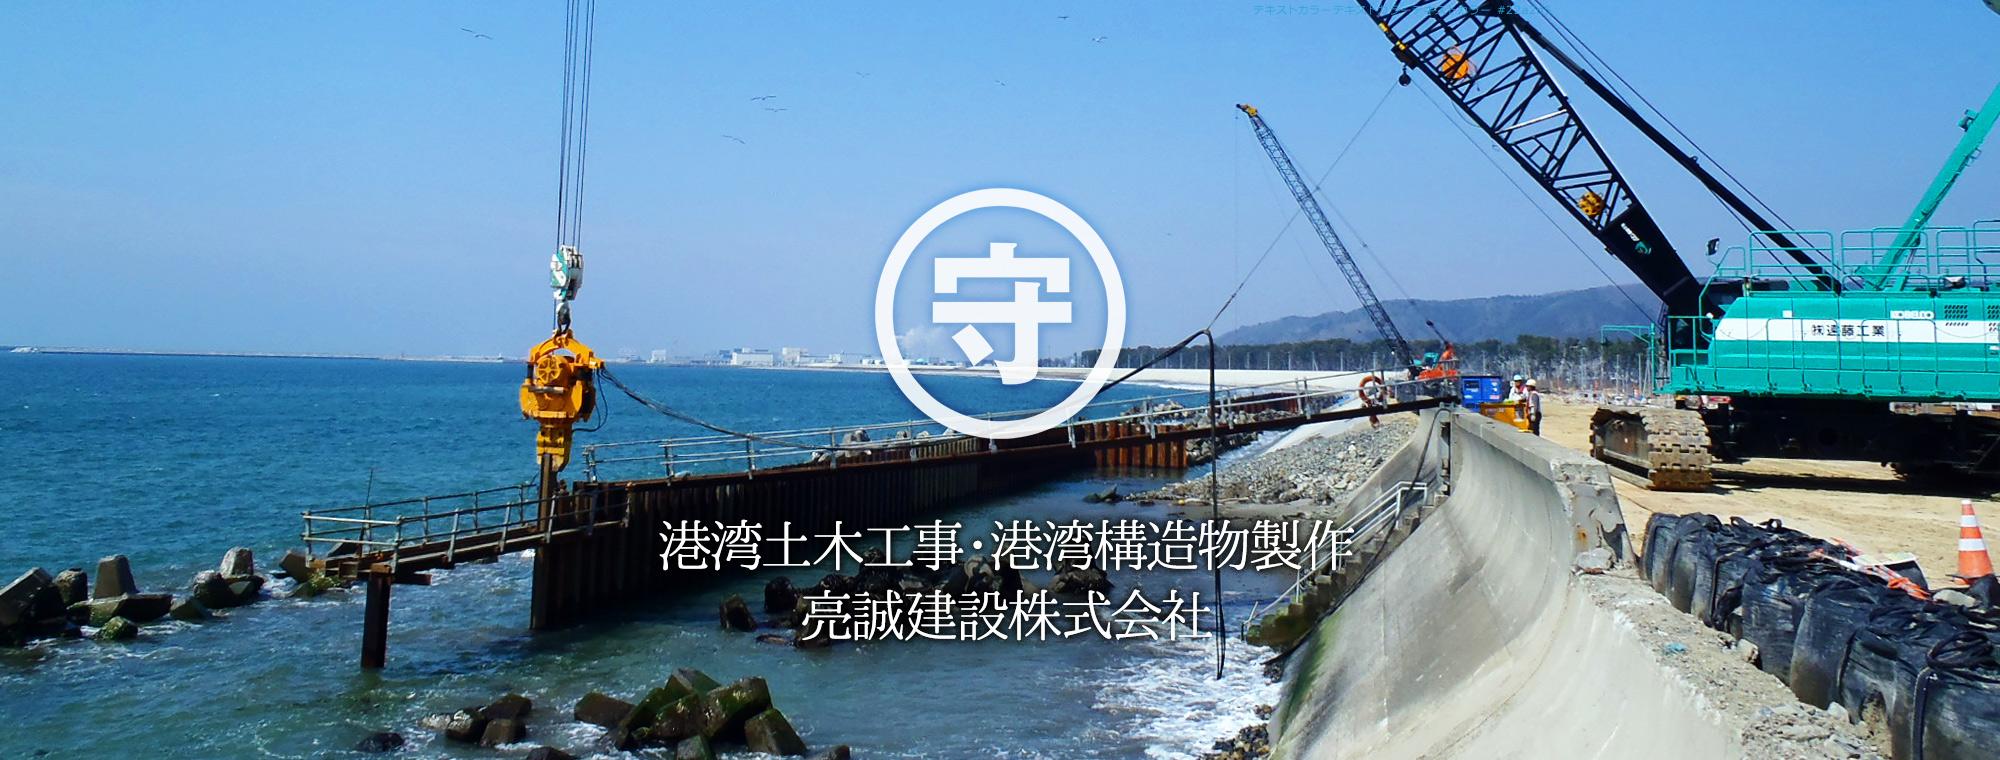 港湾土木工事・港湾構造物製作 亮誠建設株式会社